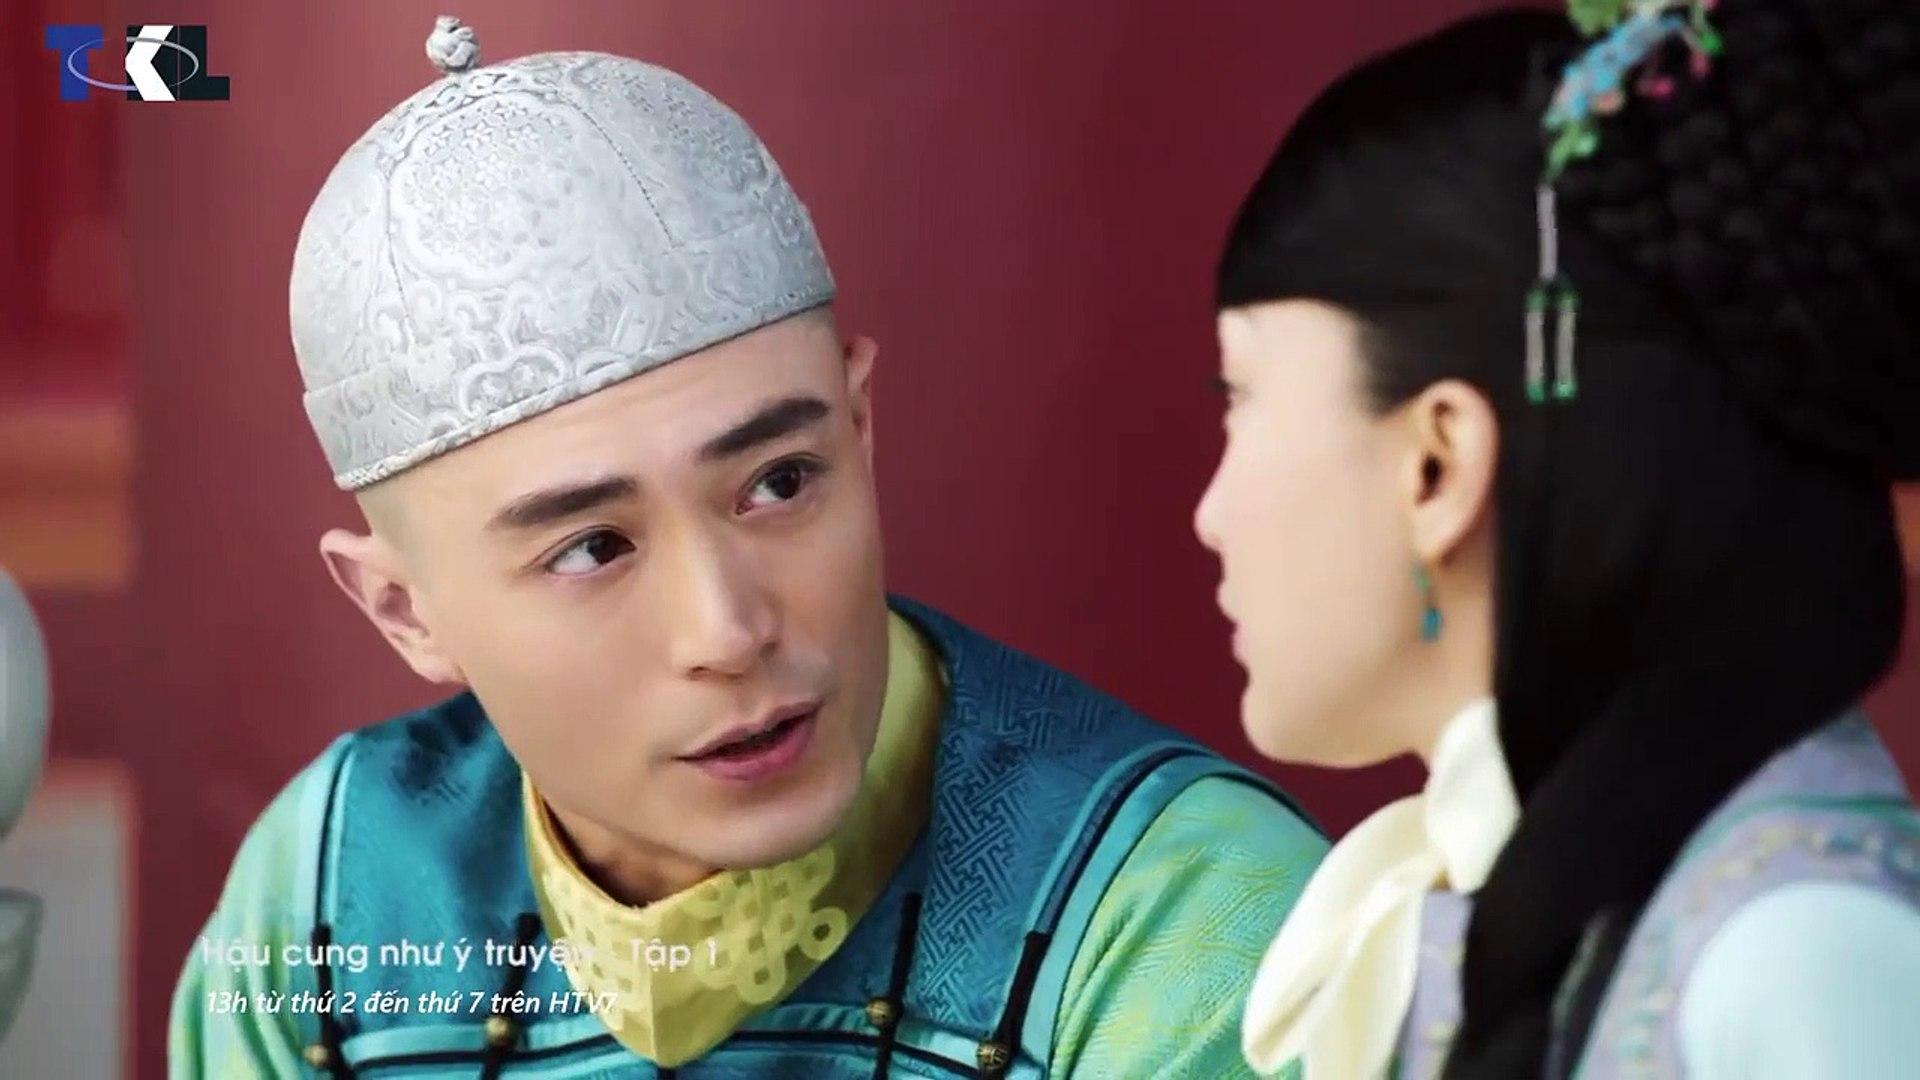 Hậu Cung Như Ý Truyện - Tập 1 Full - Phim Cổ Trang Trung Quốc Hay Nhất 2020